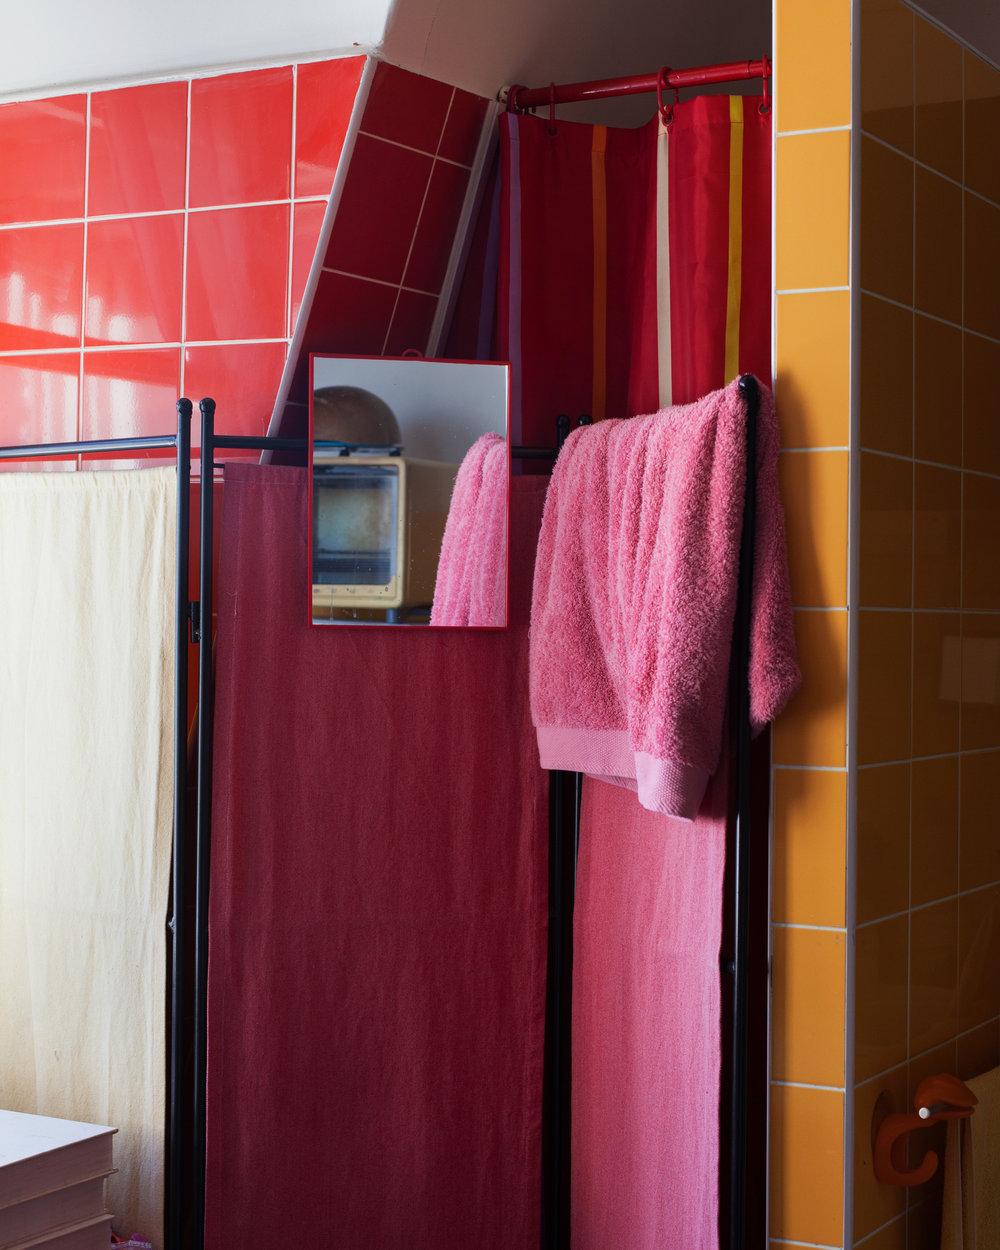 Aloisio_A_Shower_in_Paris.jpg